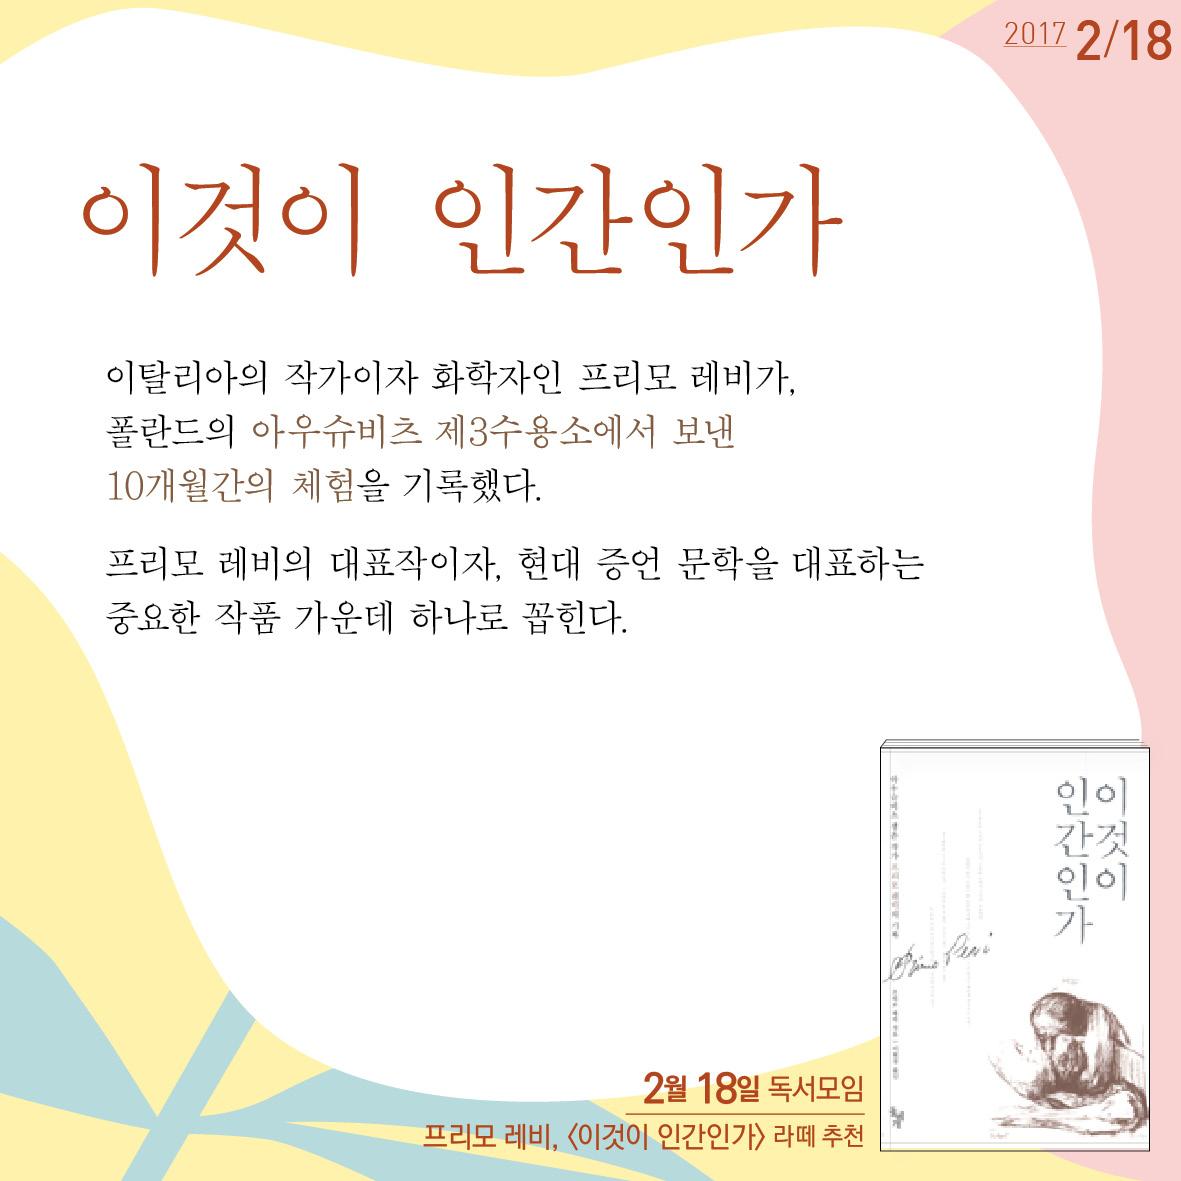 1분기-카드4.jpg